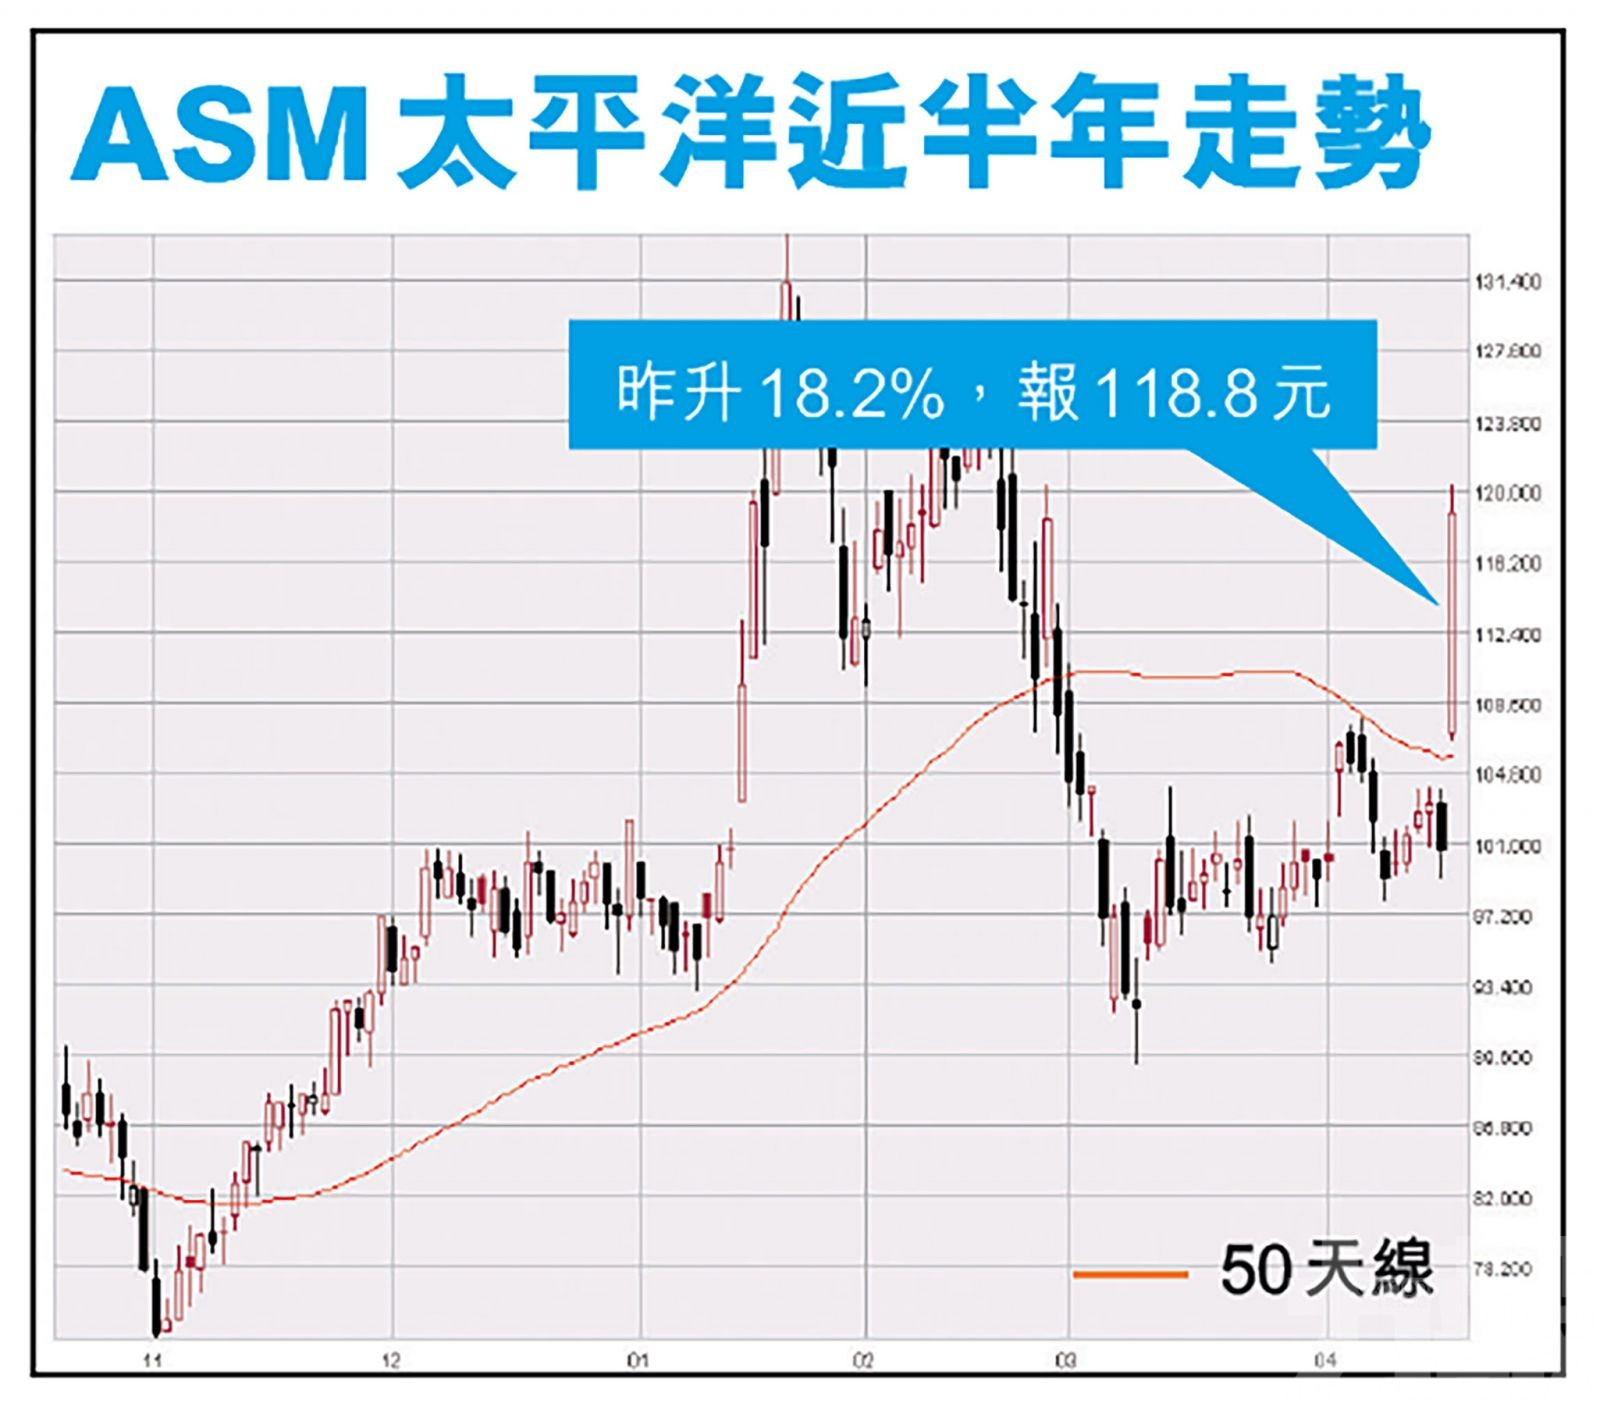 ASM太平洋昨升逾一成八